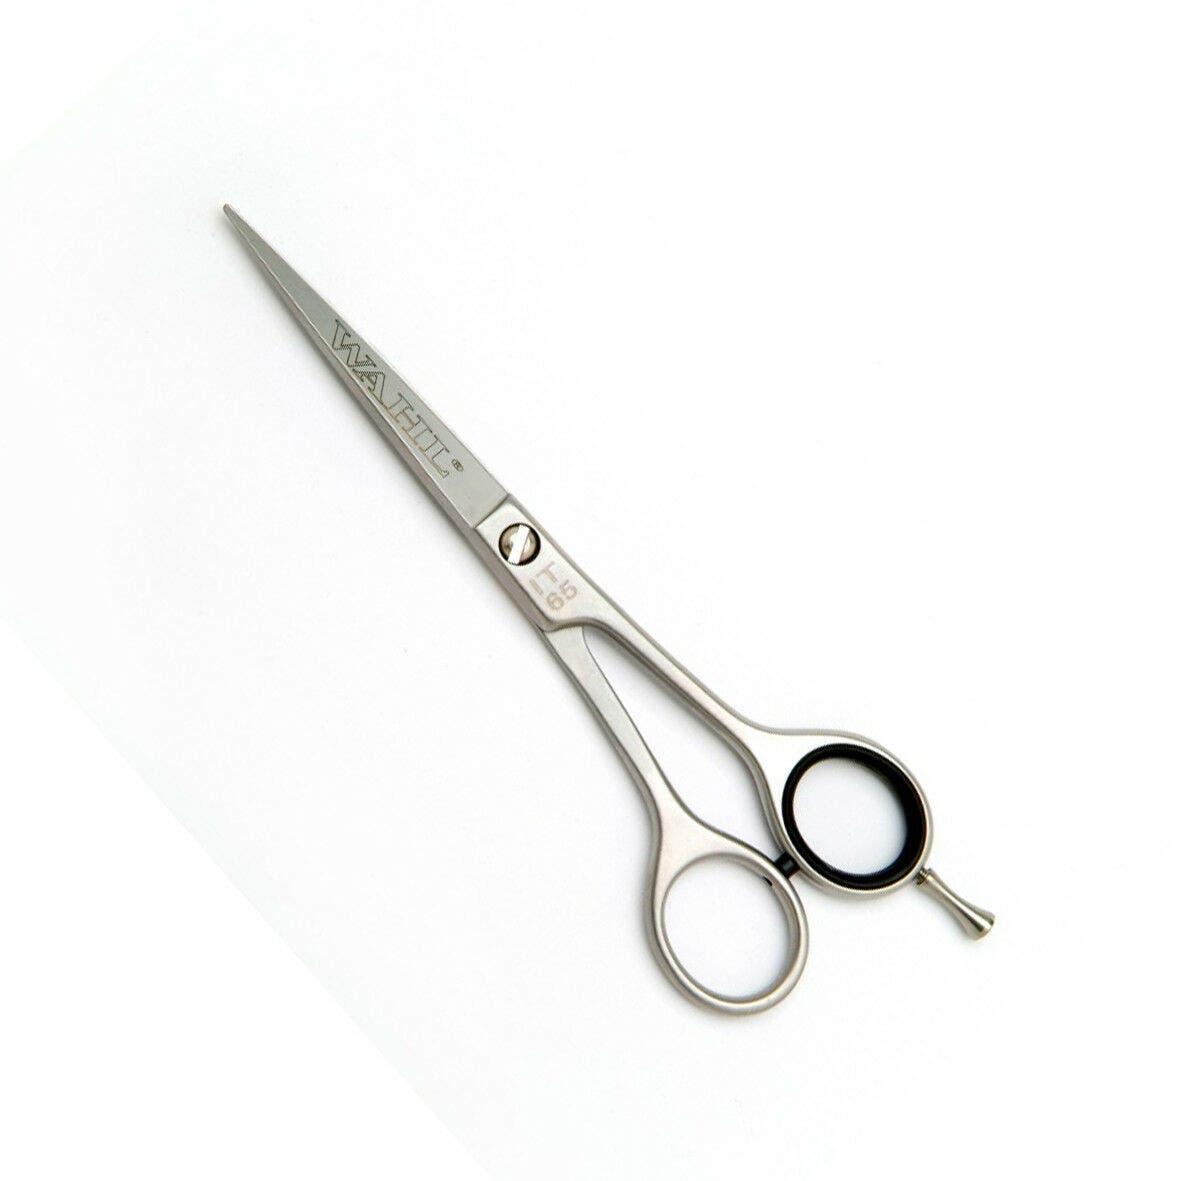 """Wahl Professional Scissors 6.5"""" - Italian Series WSIT65"""